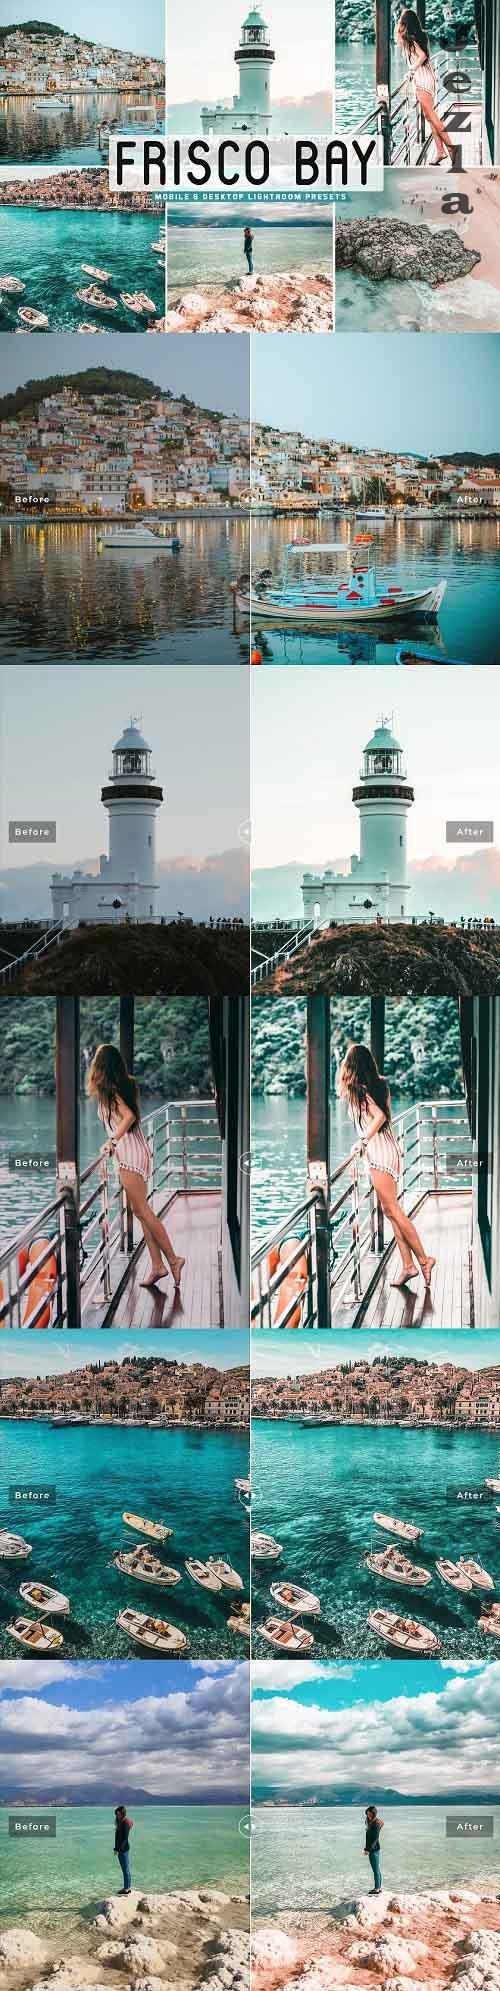 Frisco Bay Pro Lightroom Presets - 5353678 - Mobile & Desktop